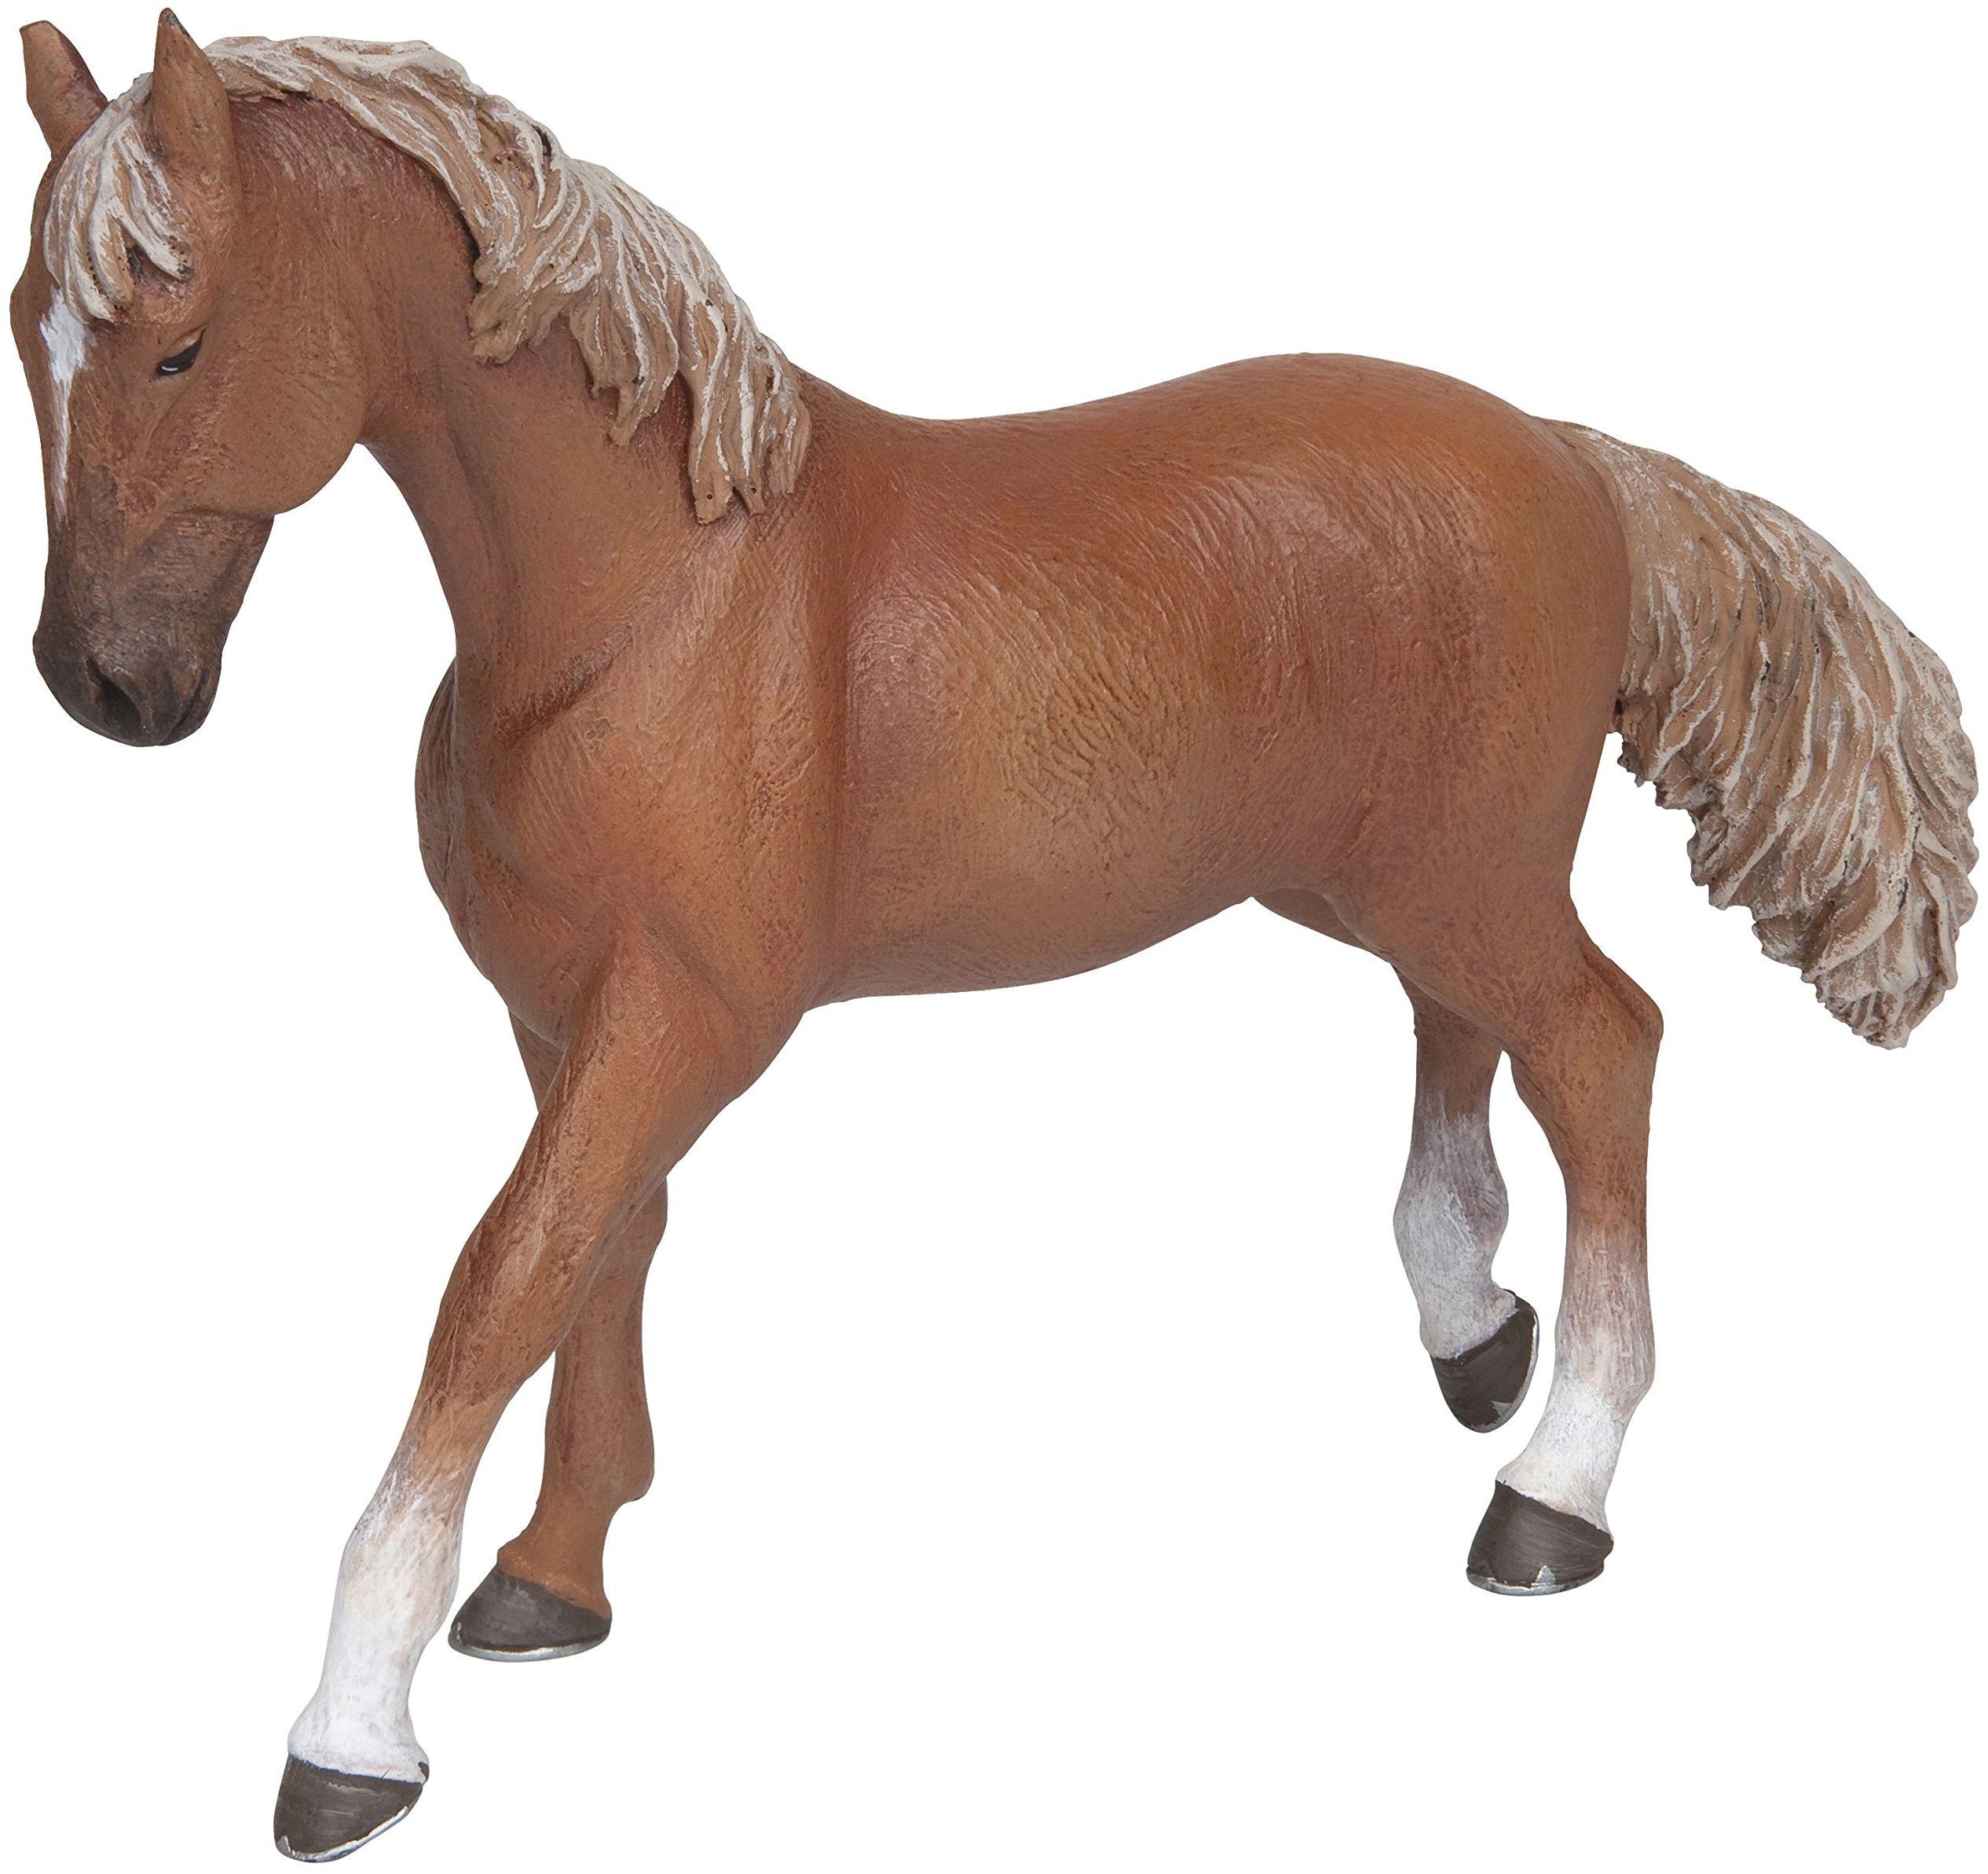 Papo 51533 konie, kule i Pony Araber Anglo Stute czerwono-brązowe, wielobarwne